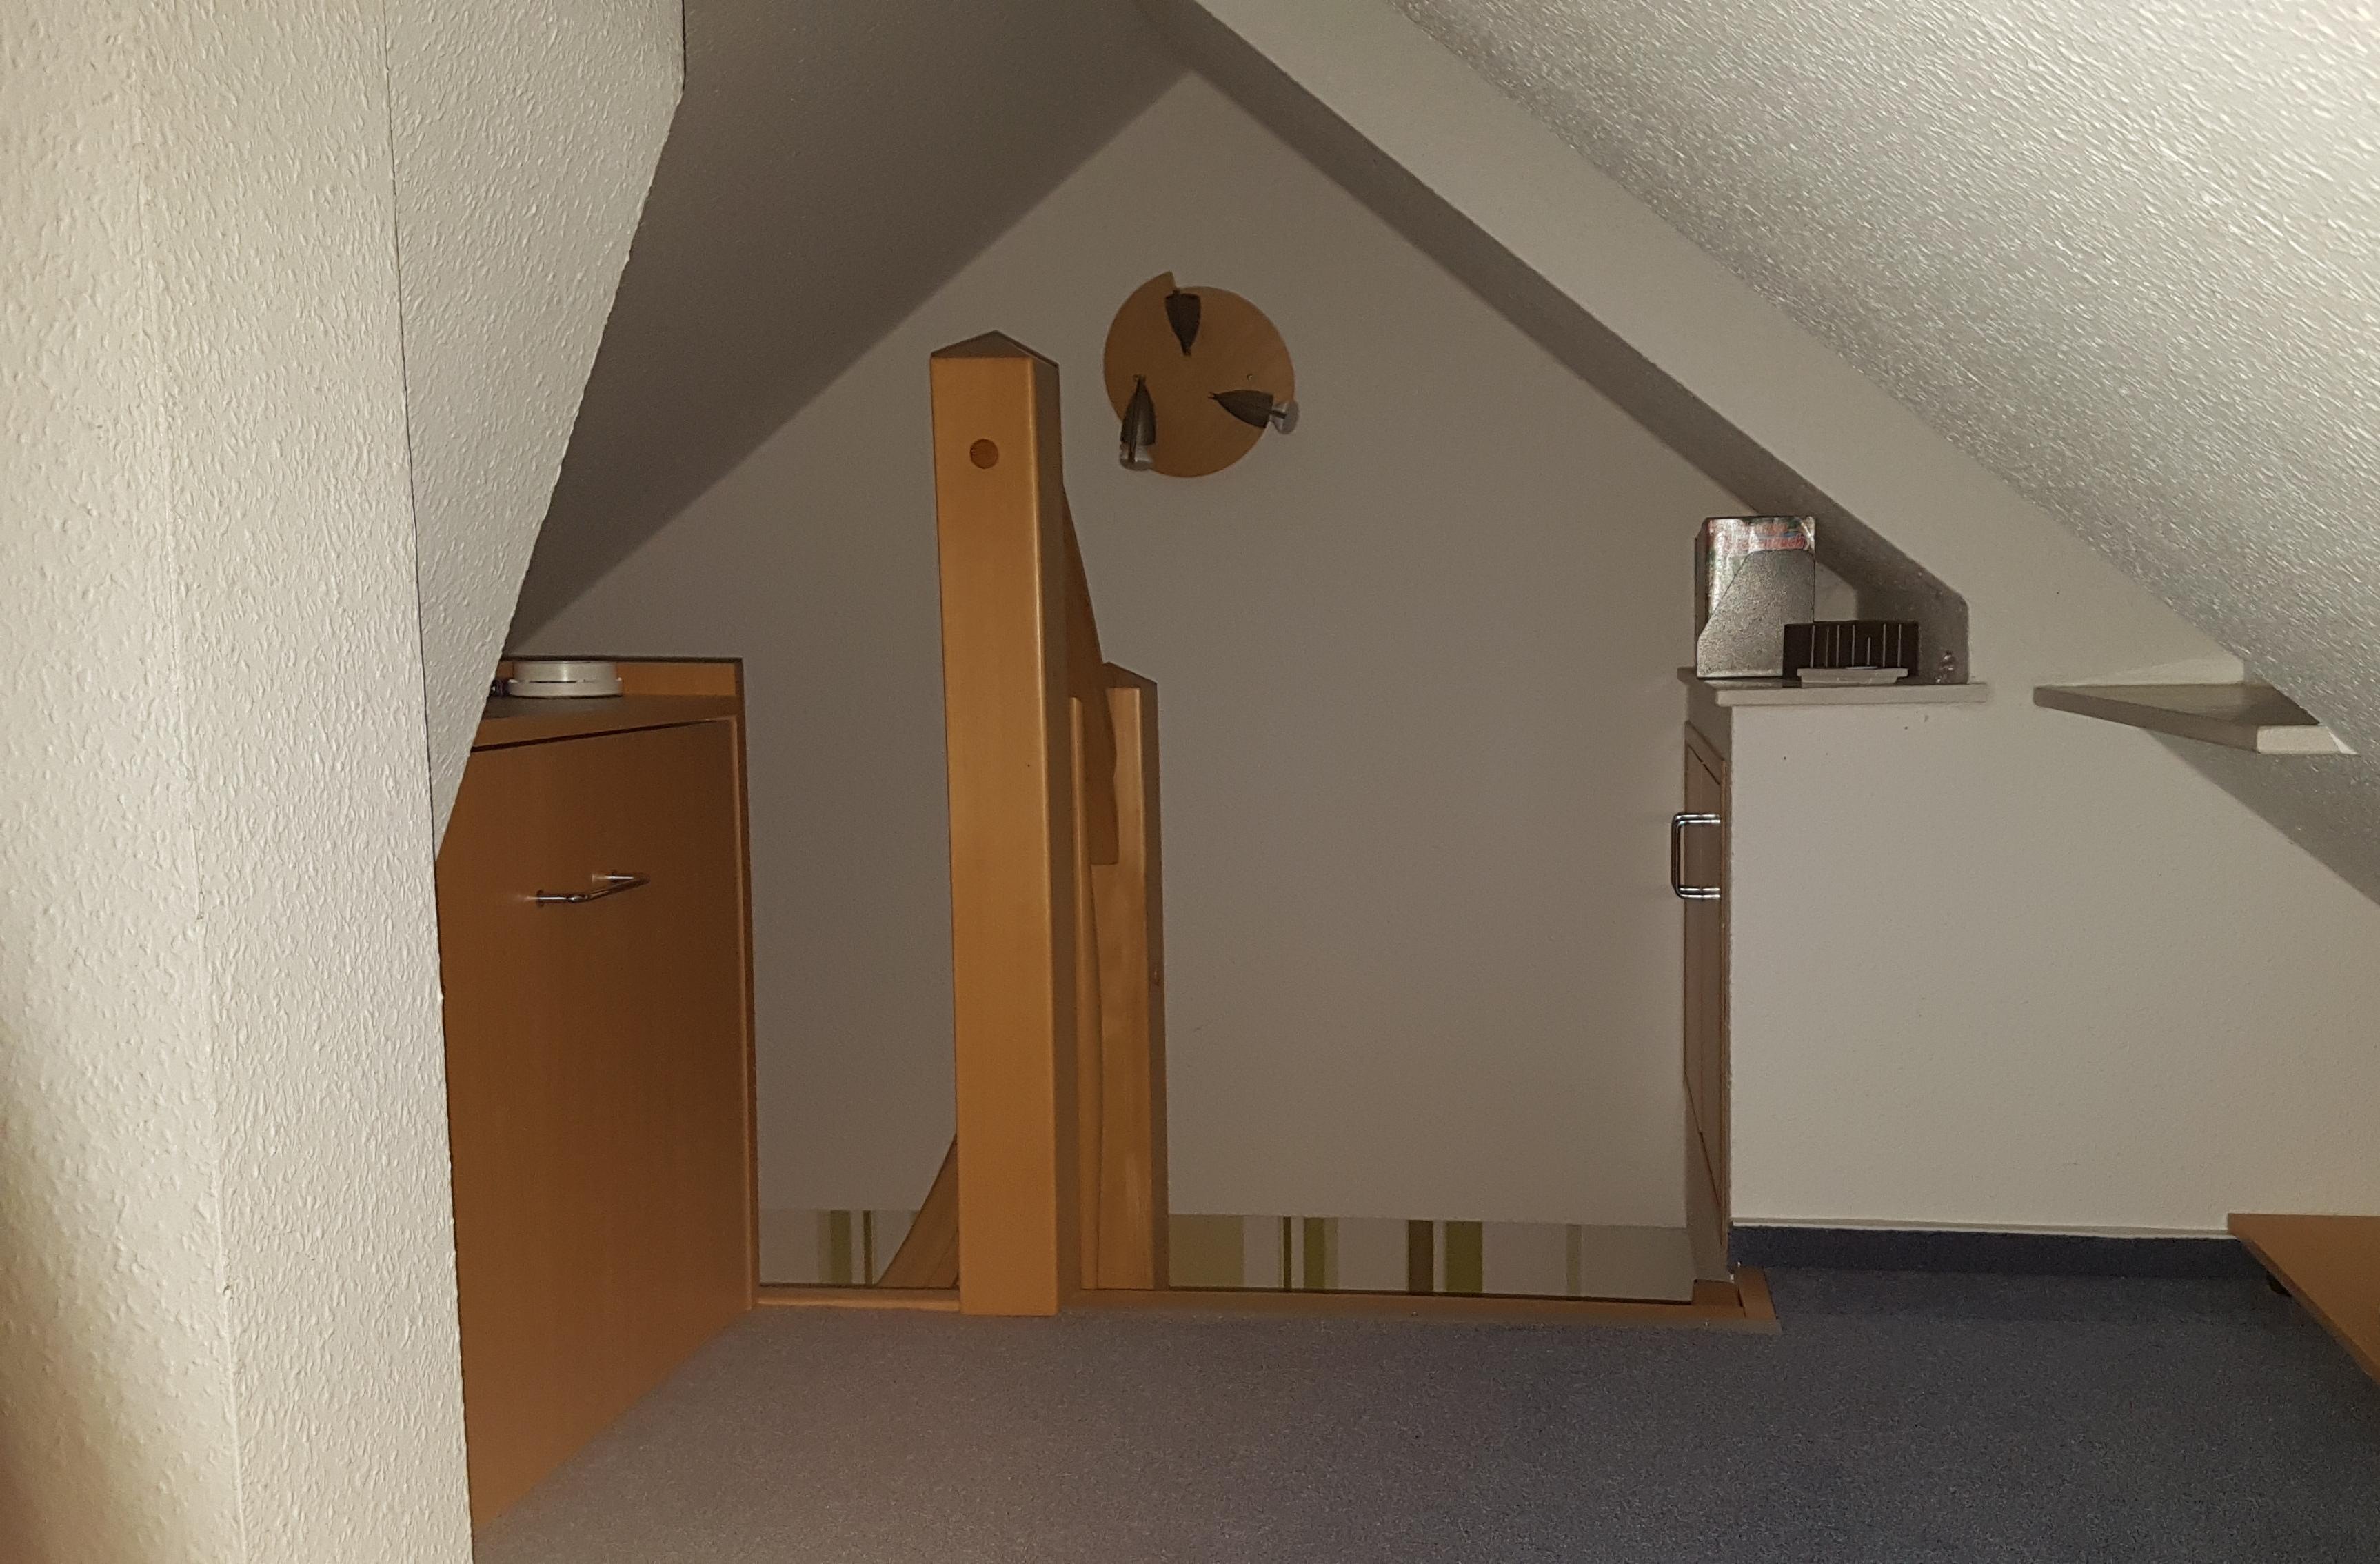 wie viel lumen brauche ich f r deckenbeleuchtung led. Black Bedroom Furniture Sets. Home Design Ideas